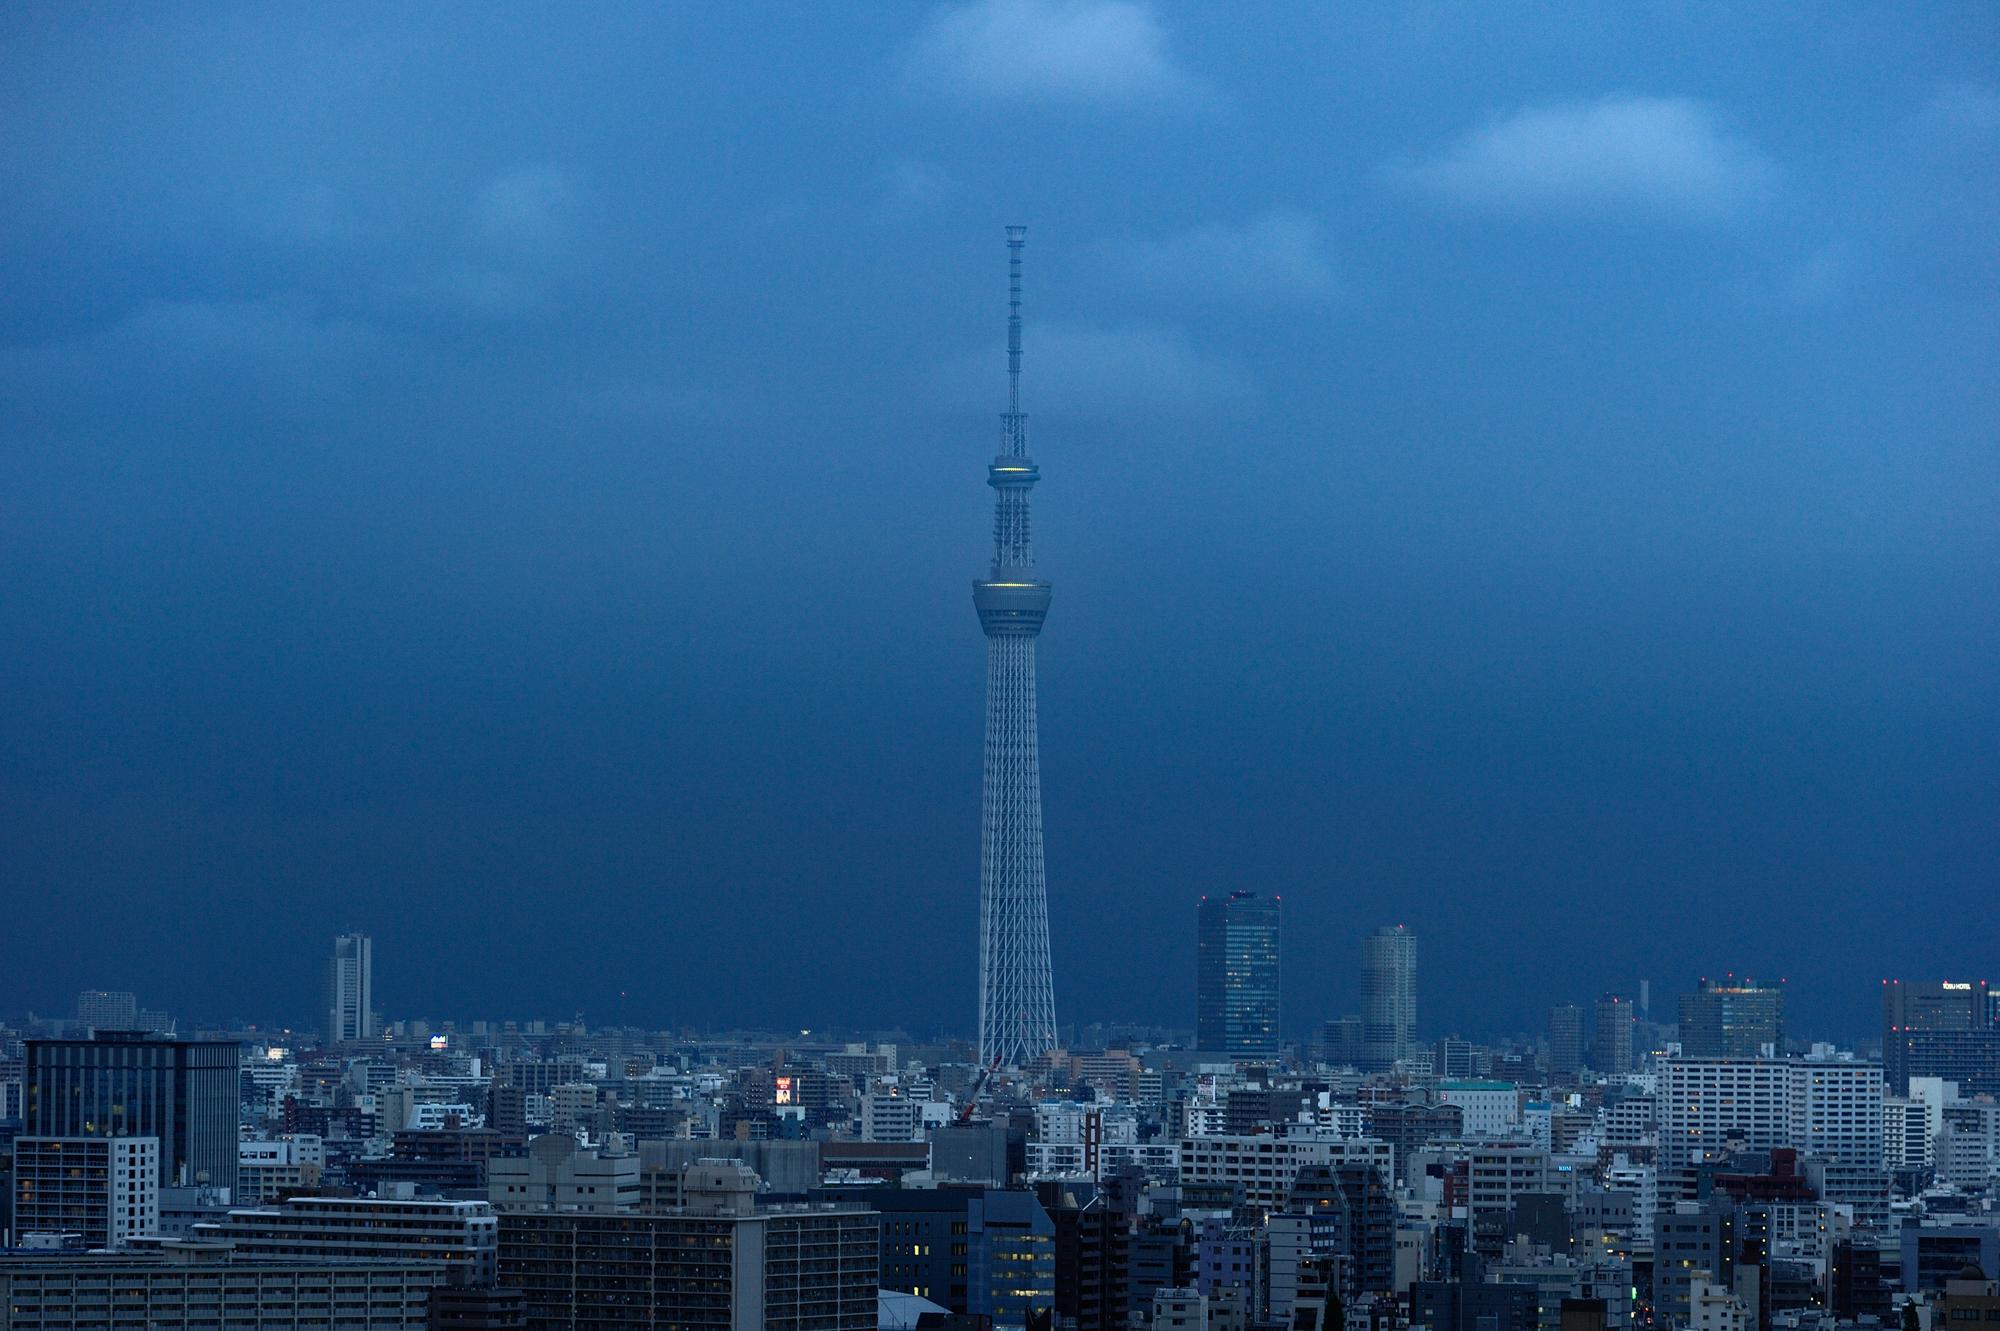 GOH FUJIMAKI PHOTOGRAPHY